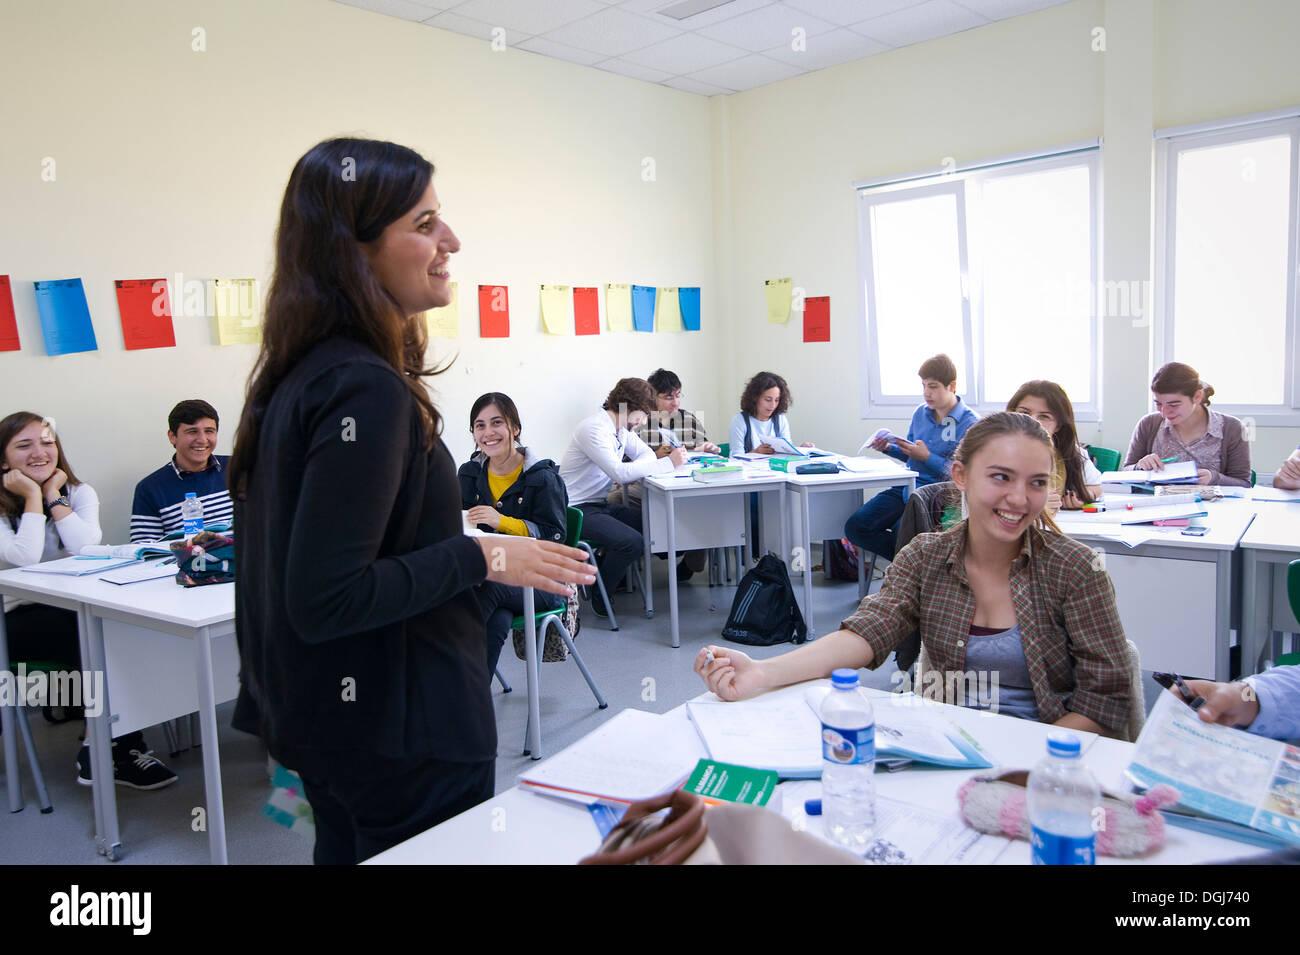 Turquie, Istanbul: la nouvelle université allemande a commencé en août 2013 avec ses 100 premiers élèves de Beykoz, sur la rive asiatique. Photo Stock